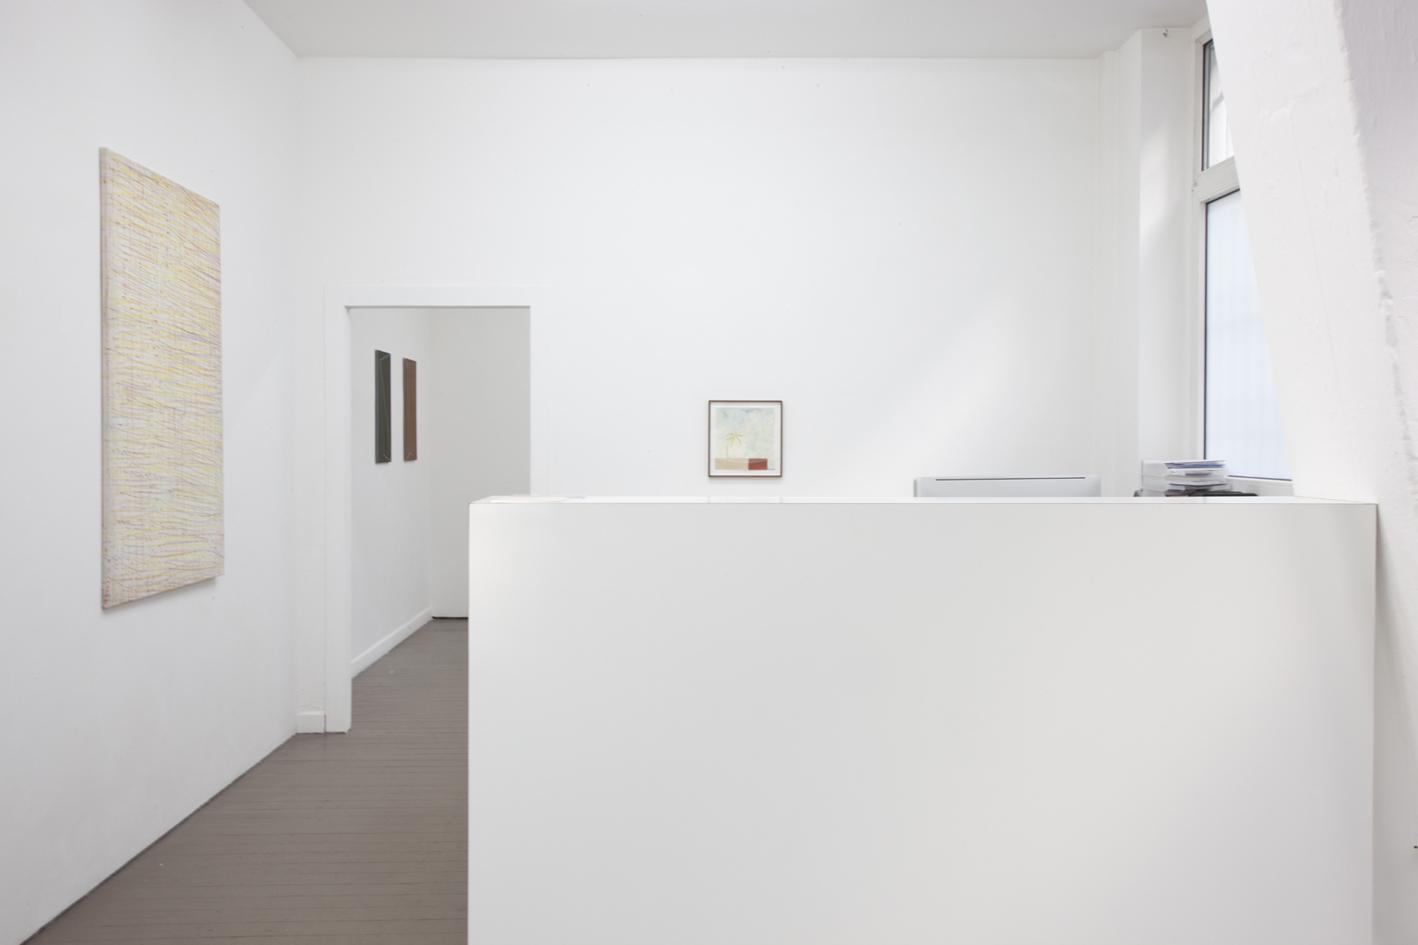 """Isabelle Fein: """"Überhörte Signale"""", 2016, Exhibition views Galerie Parisa Kind, Frankfurt am Main"""